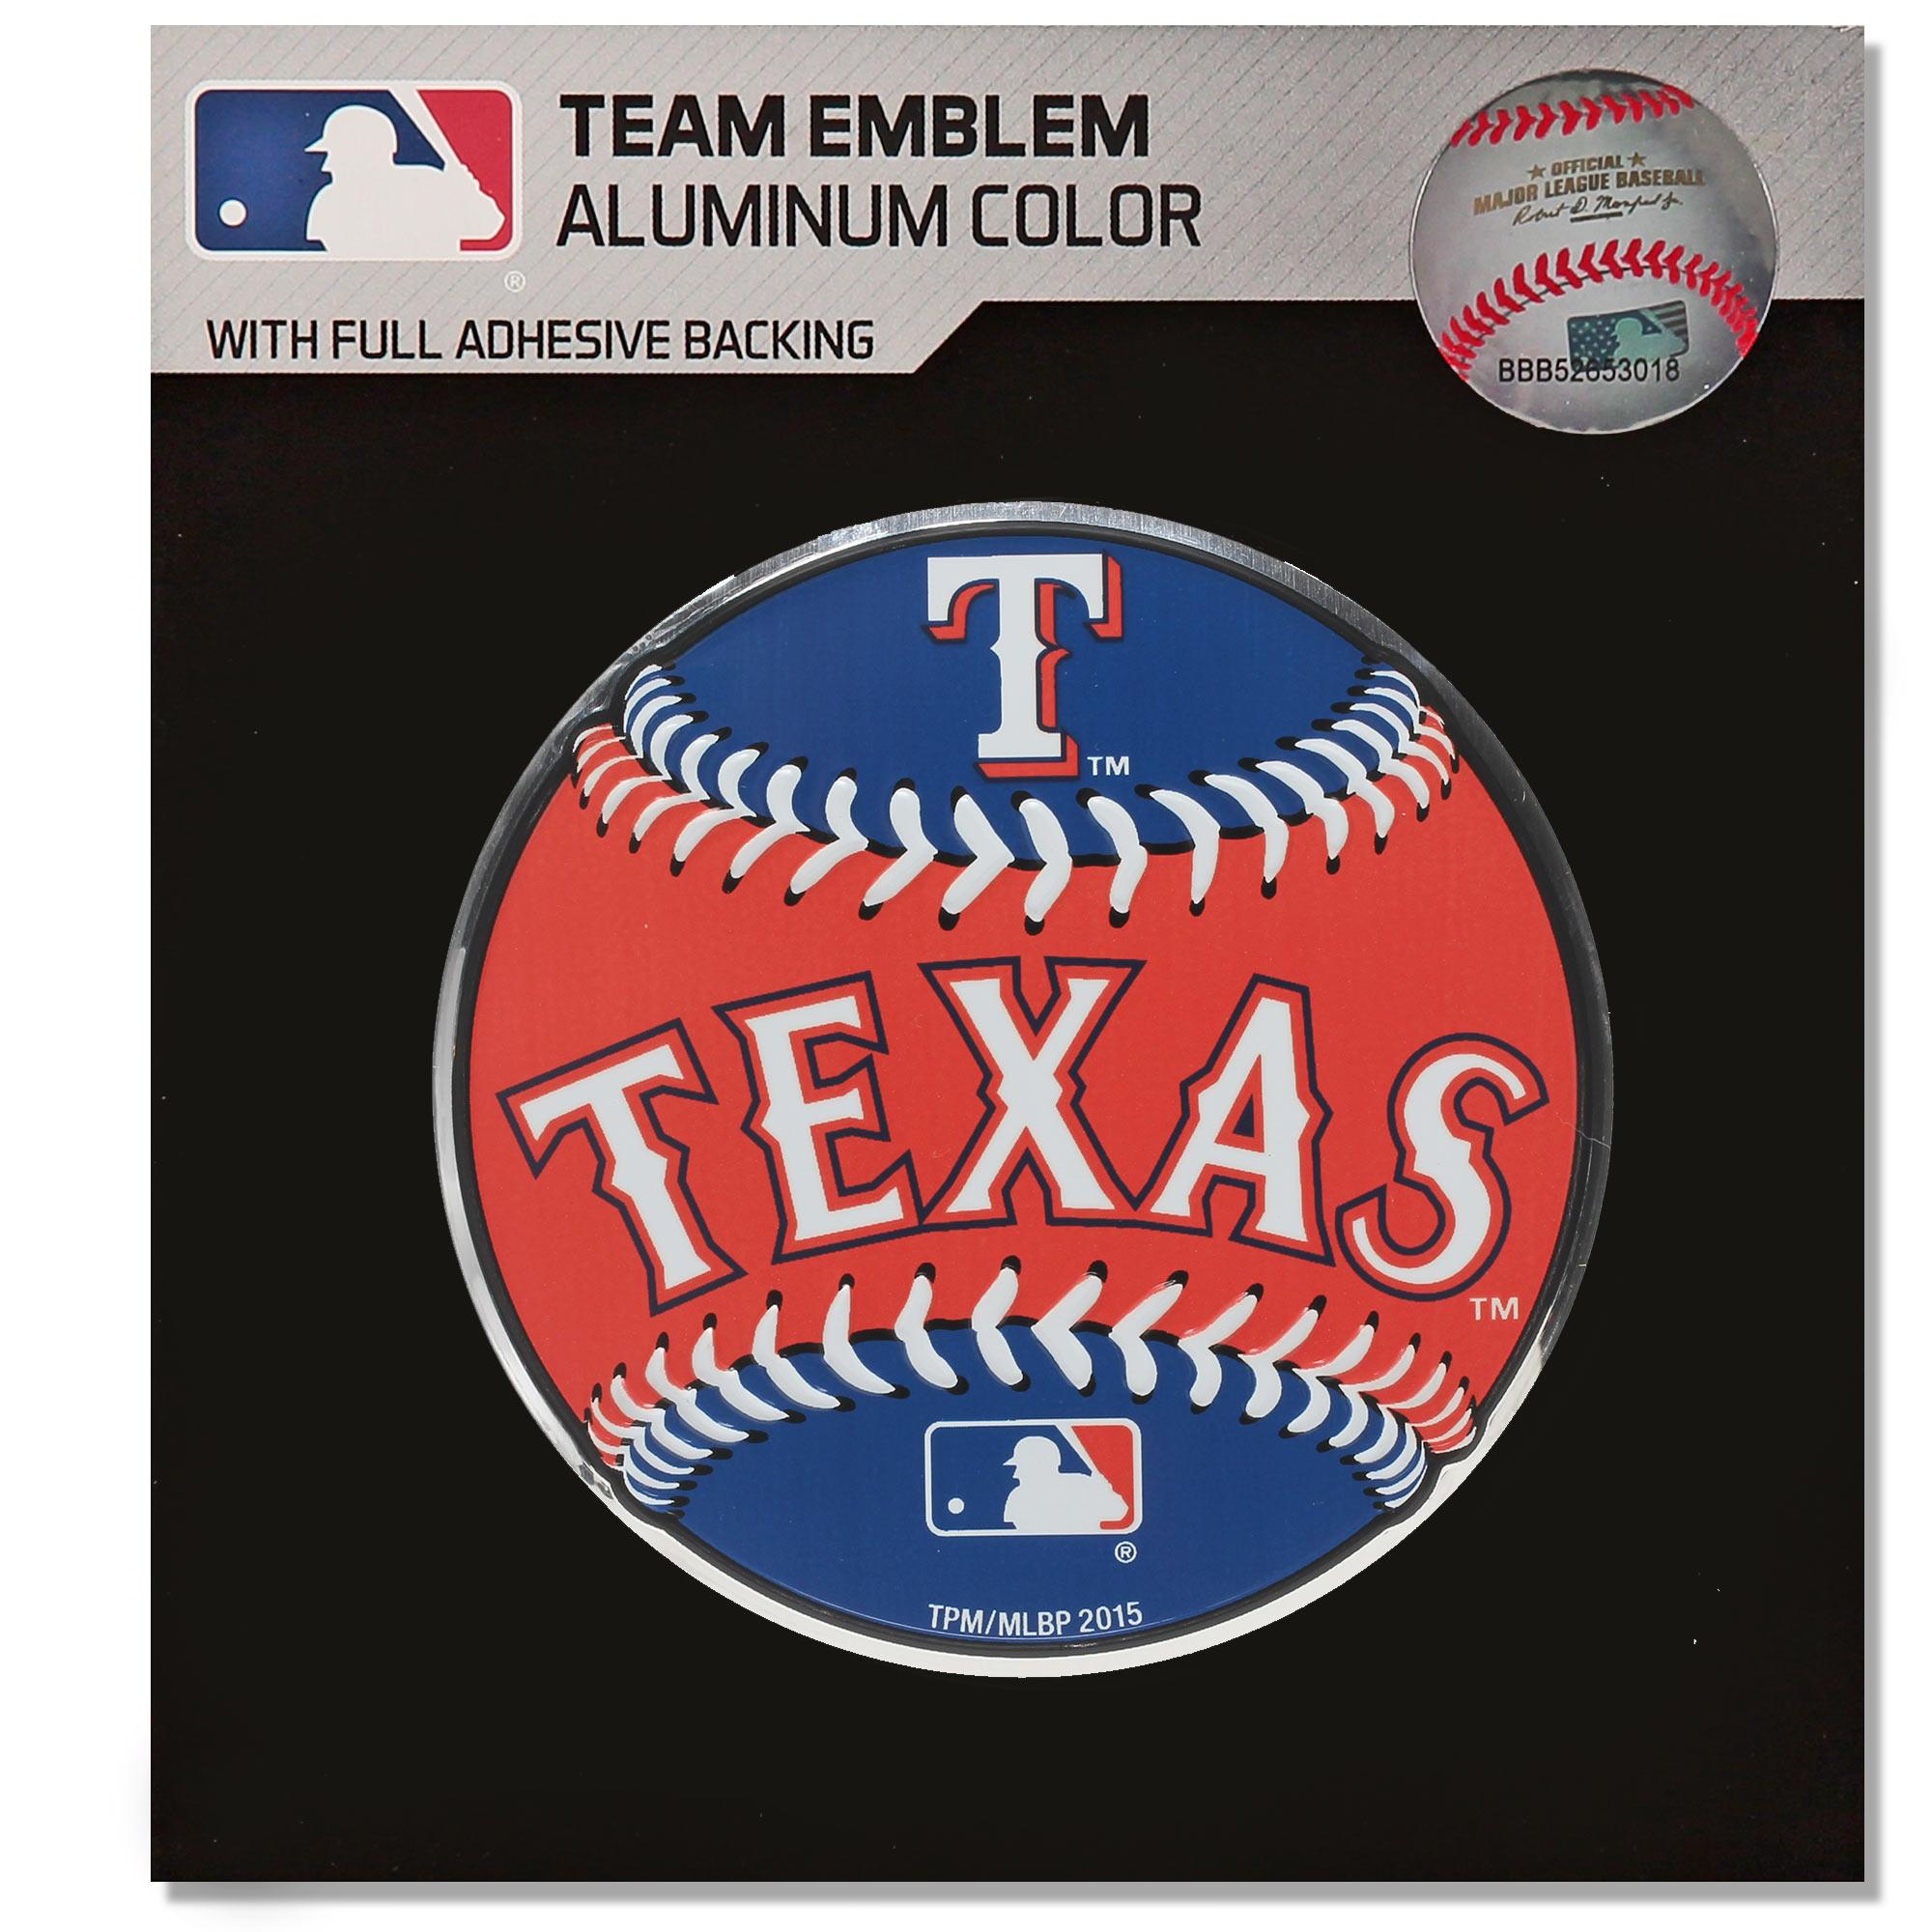 Texas Rangers Baseball Emblem Decal - No Size